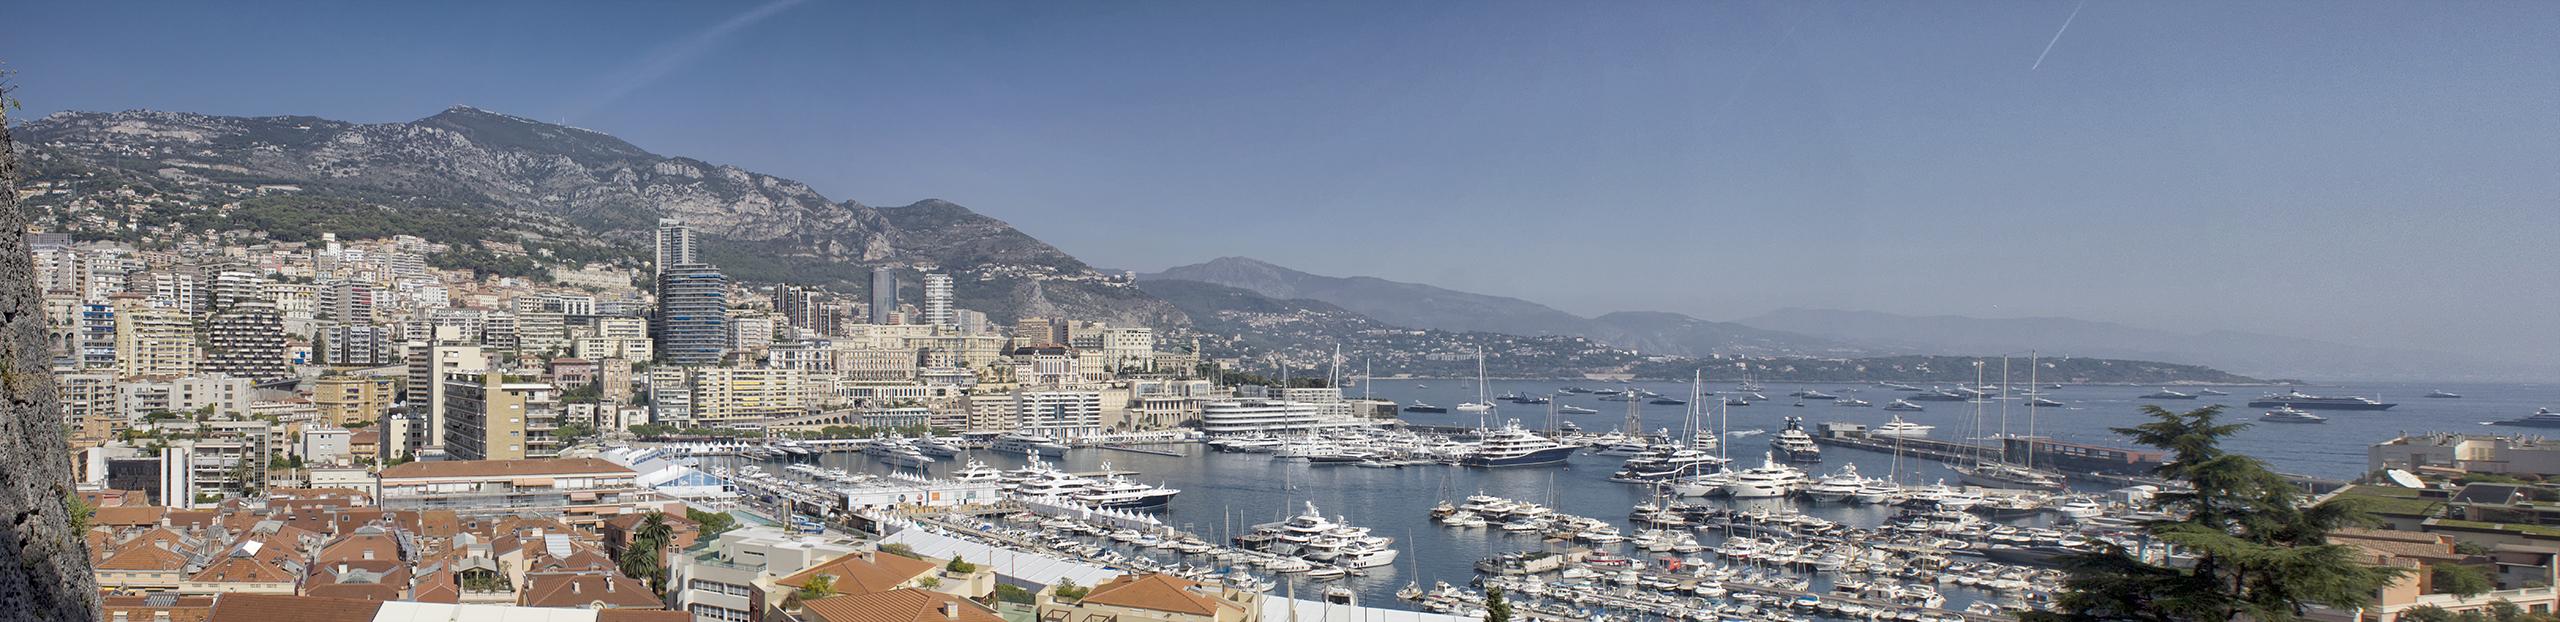 Панорама бухты Монте-Карло